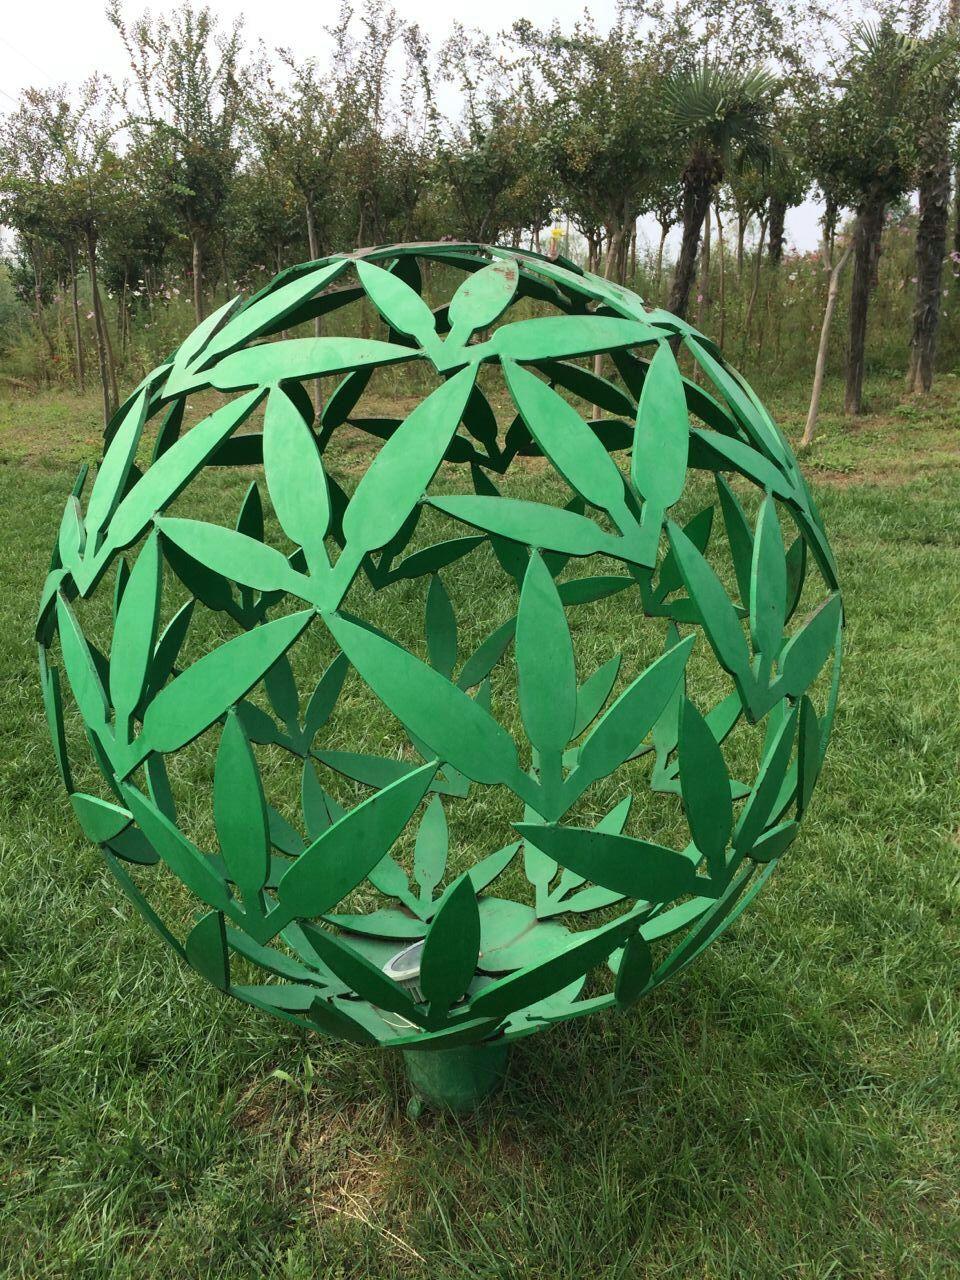 不锈钢镂空球雕塑 大庆不锈钢镂空球雕塑价格计算方法